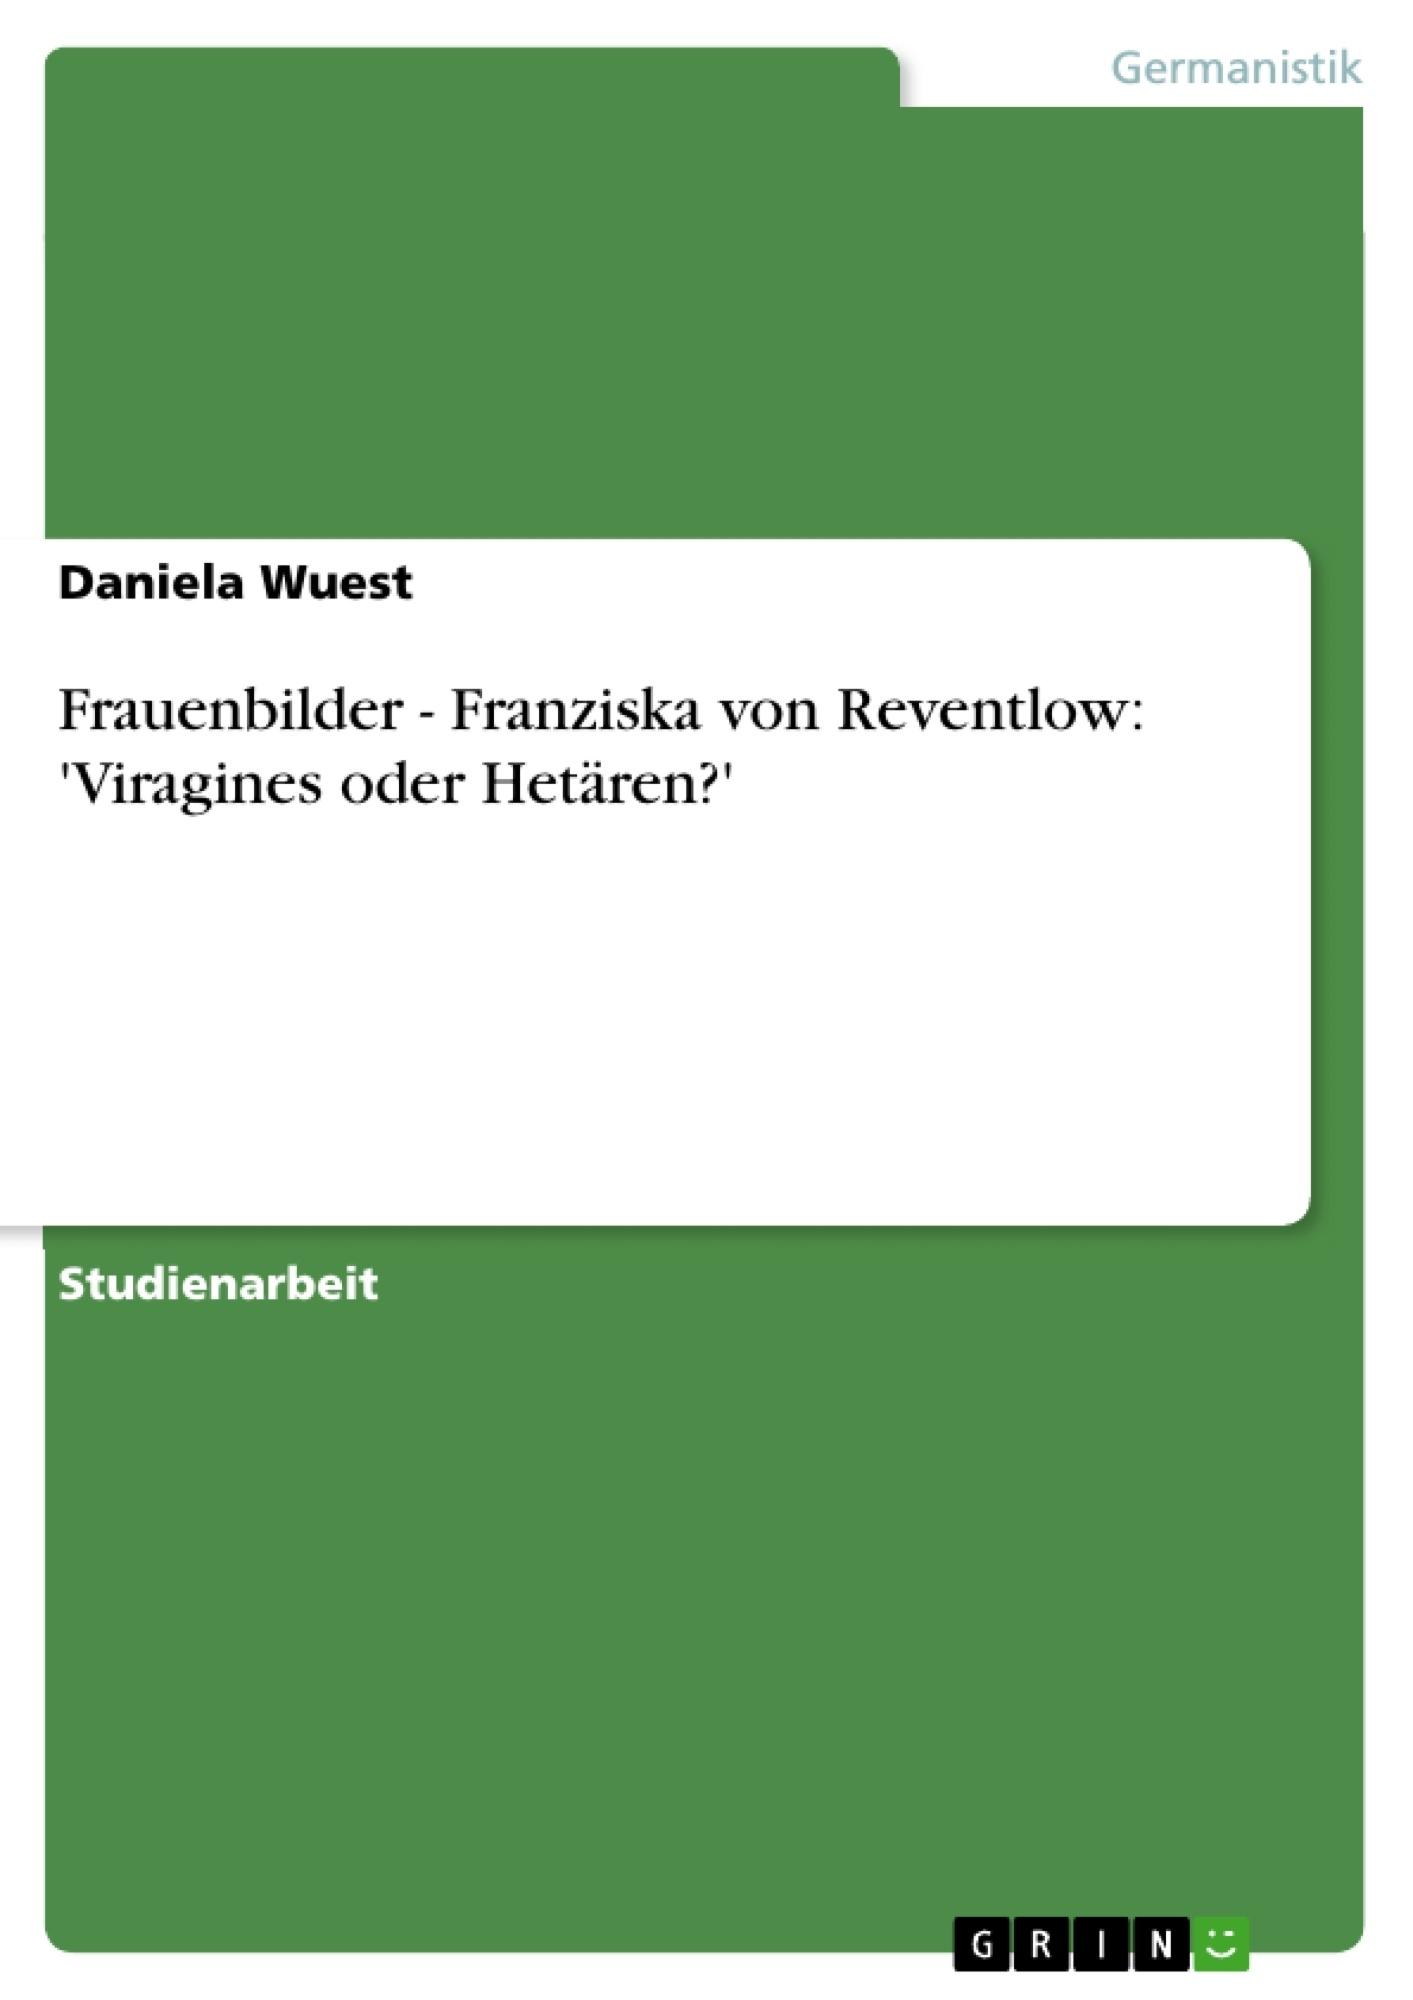 Titel: Frauenbilder - Franziska von Reventlow: 'Viragines oder Hetären?'